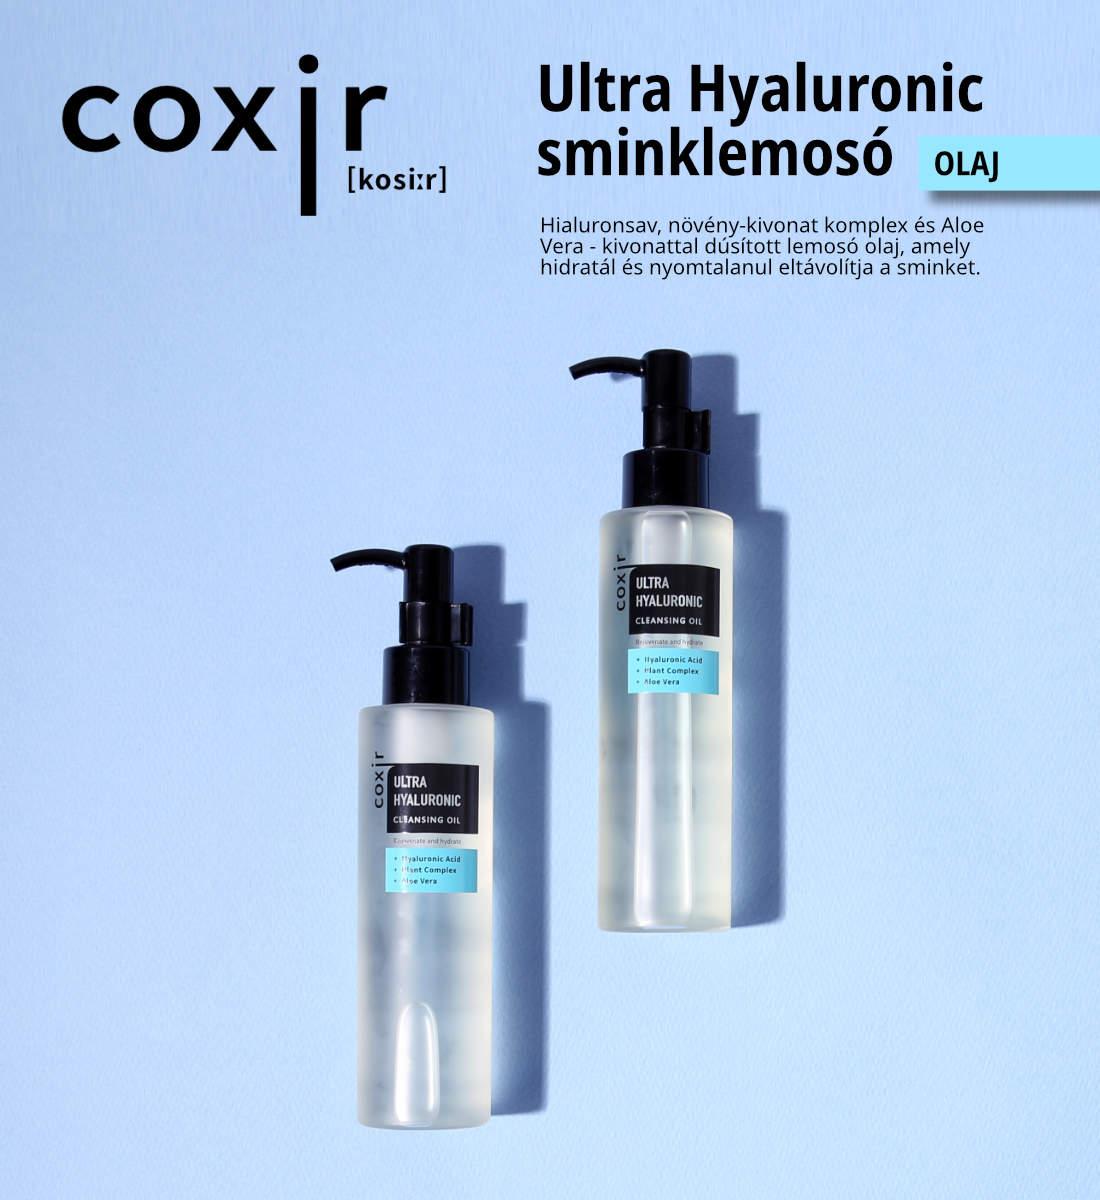 coxir-ultra-hyaluronic-sminklemoso-olaj-leirasa